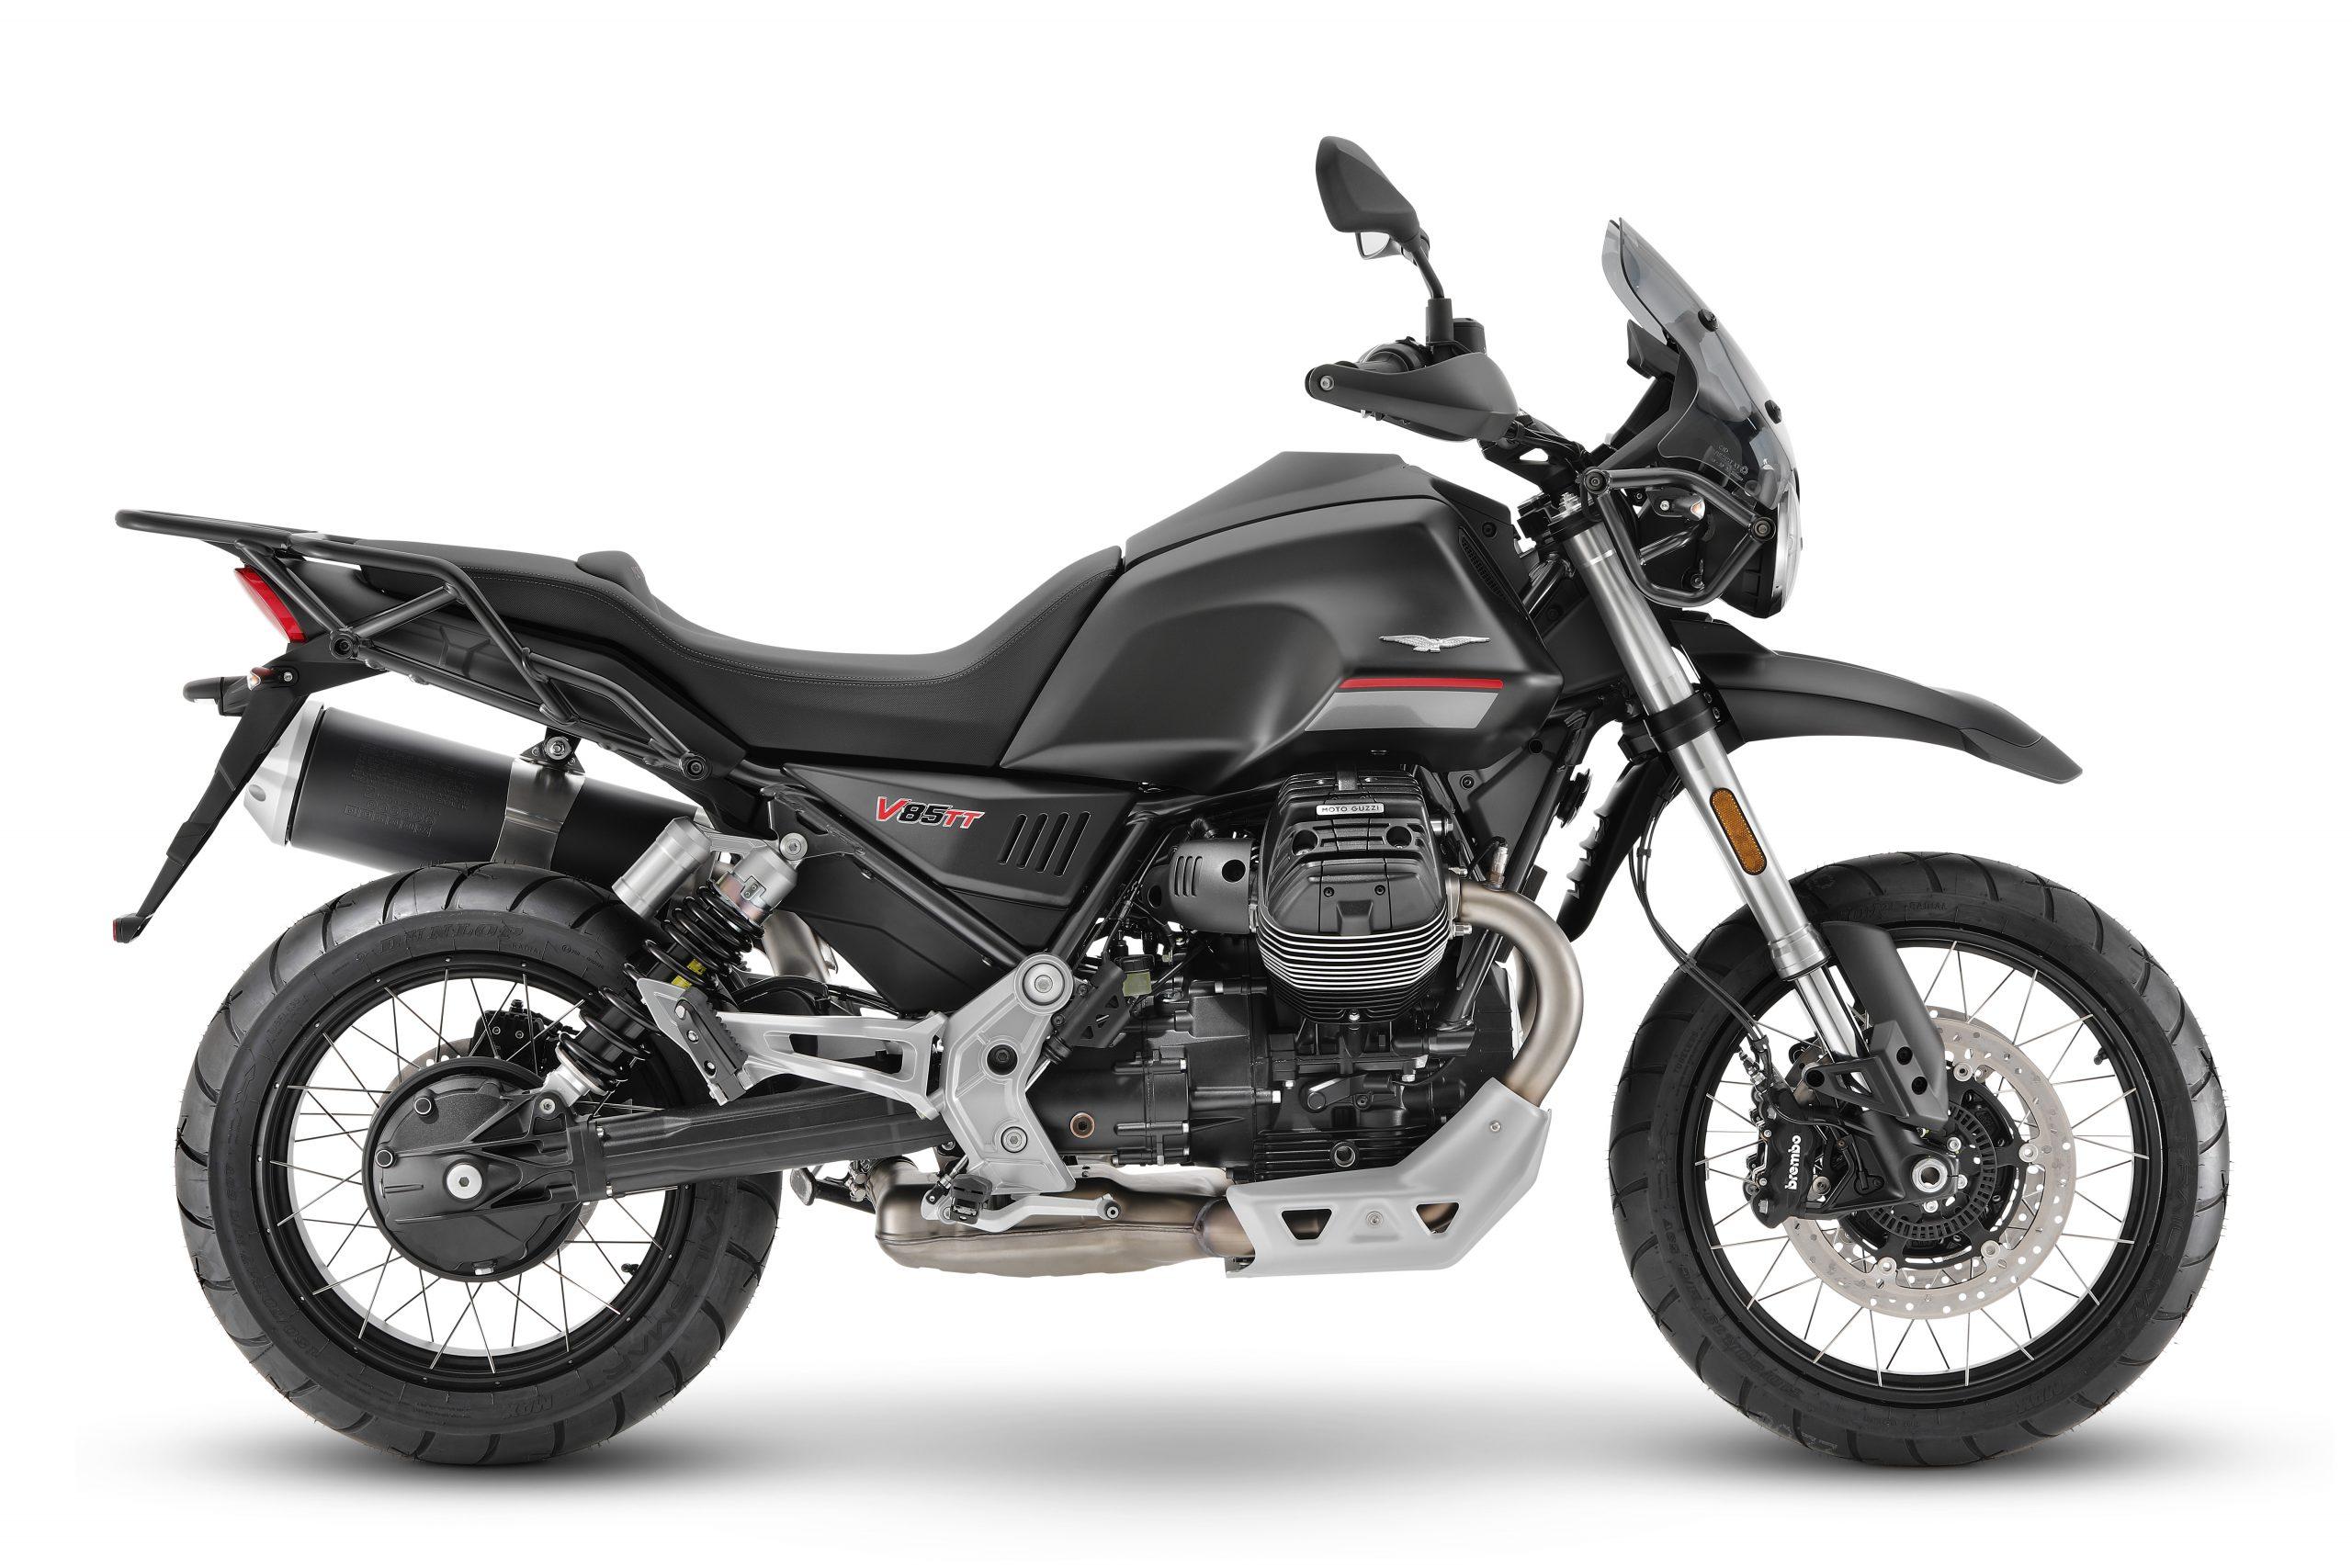 V85 TT 850 Euro 5